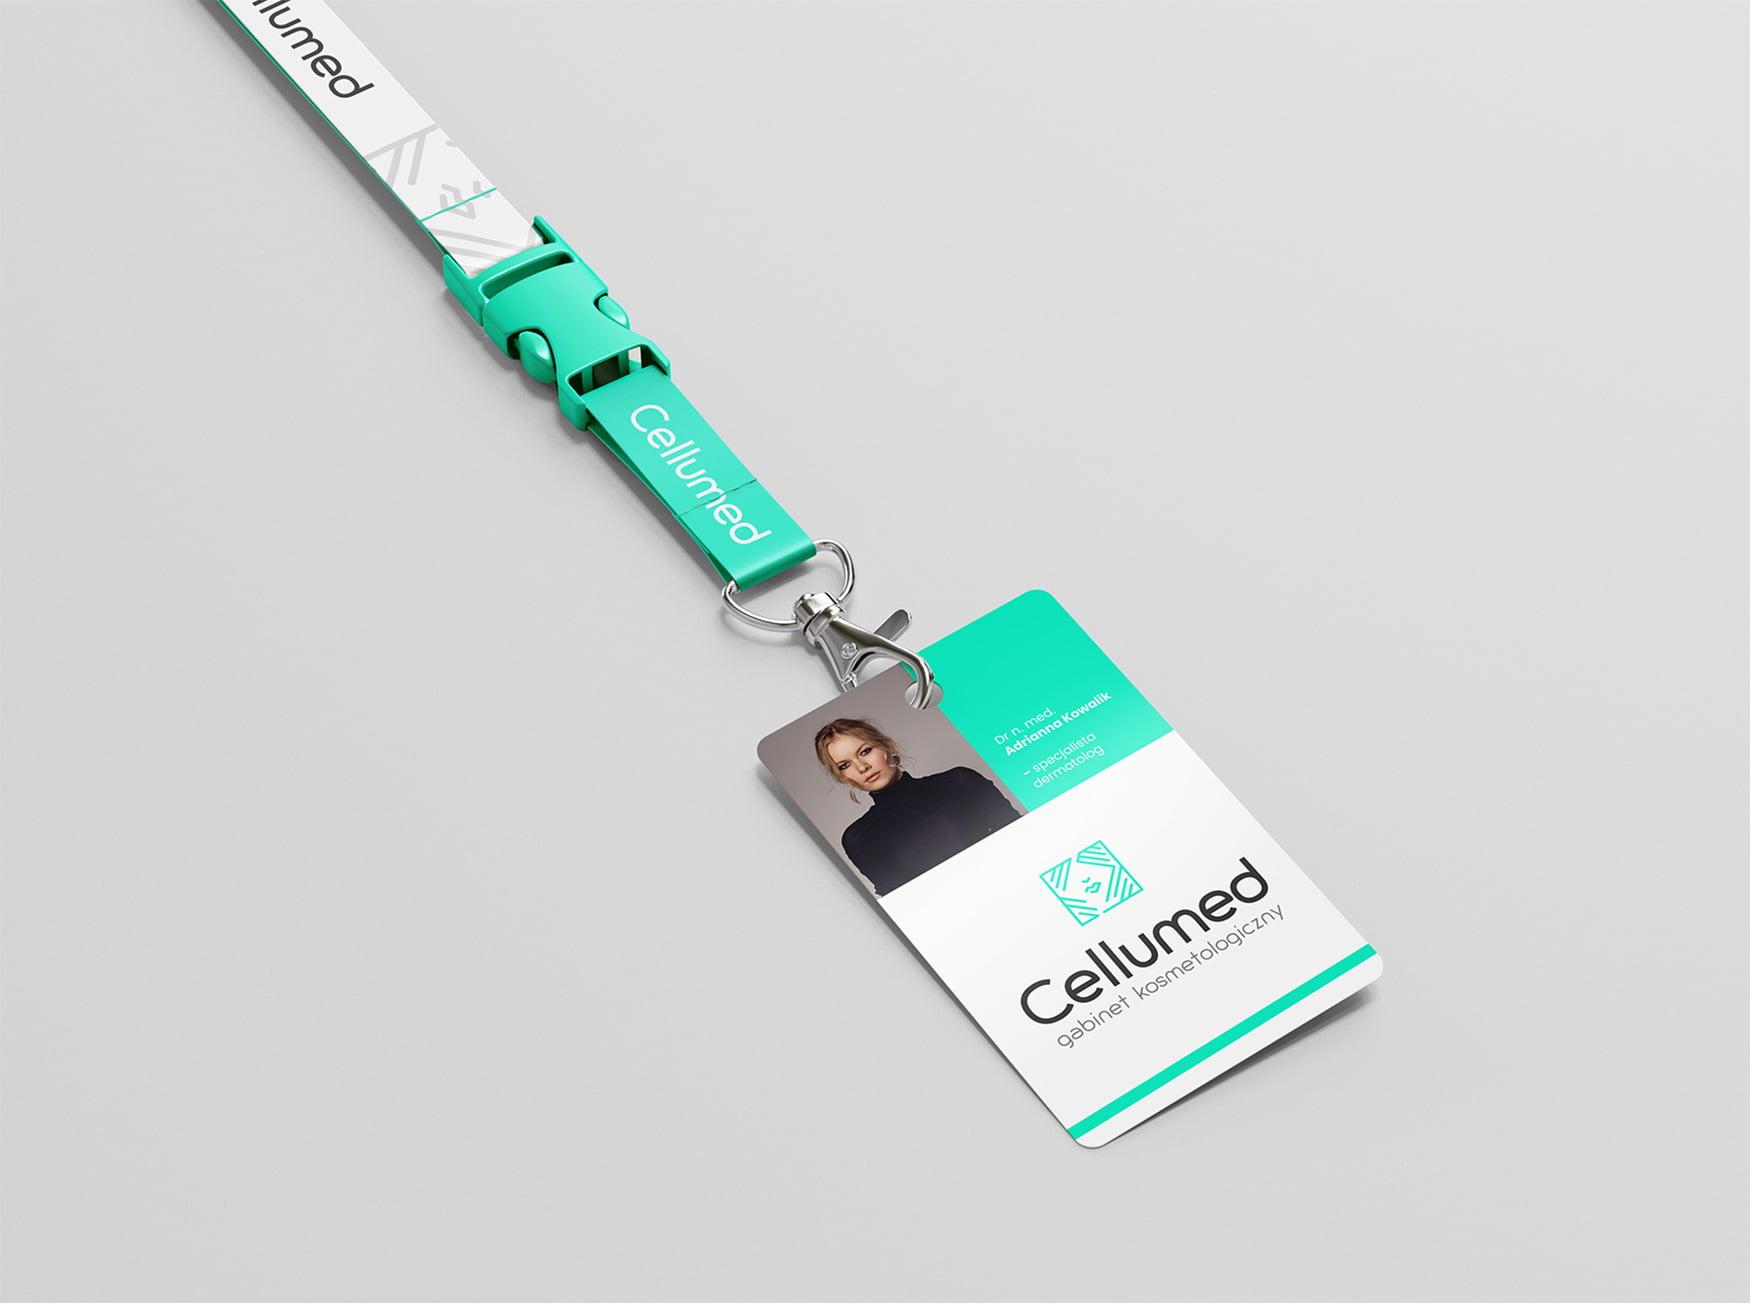 Cellumed